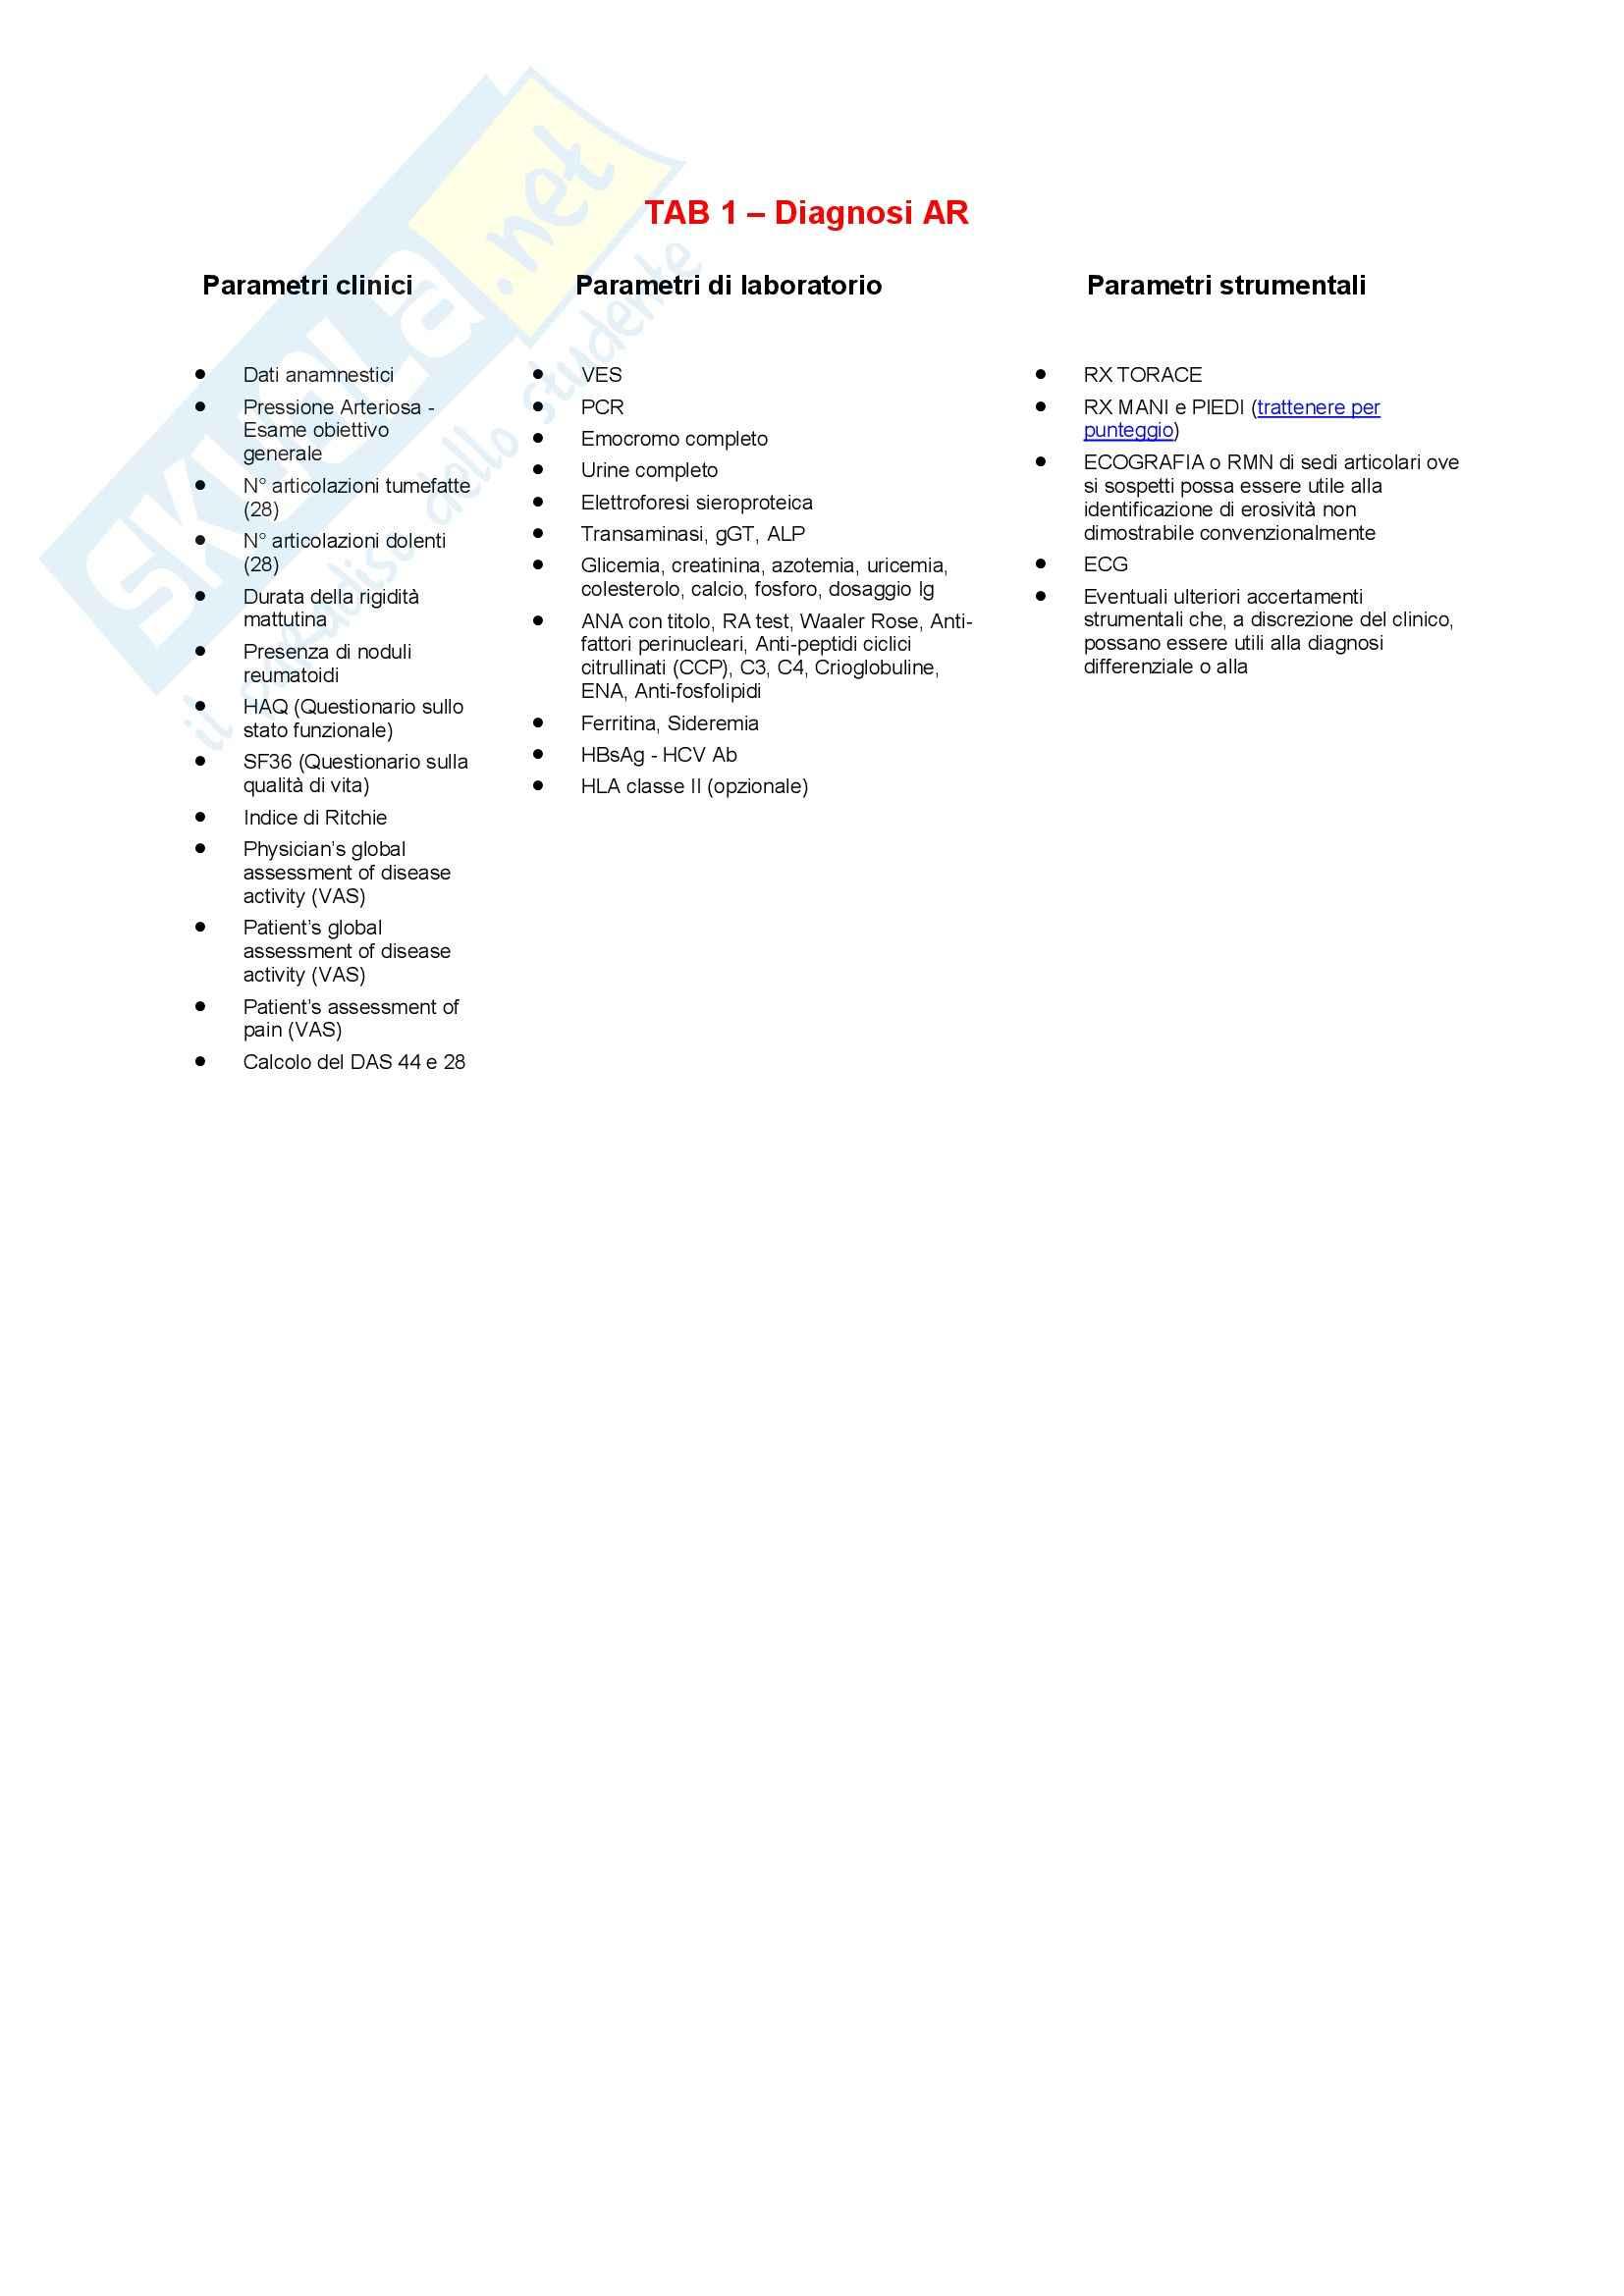 appunto P. Cantatore Malattie del Sistema Immunitario e Reumatologia